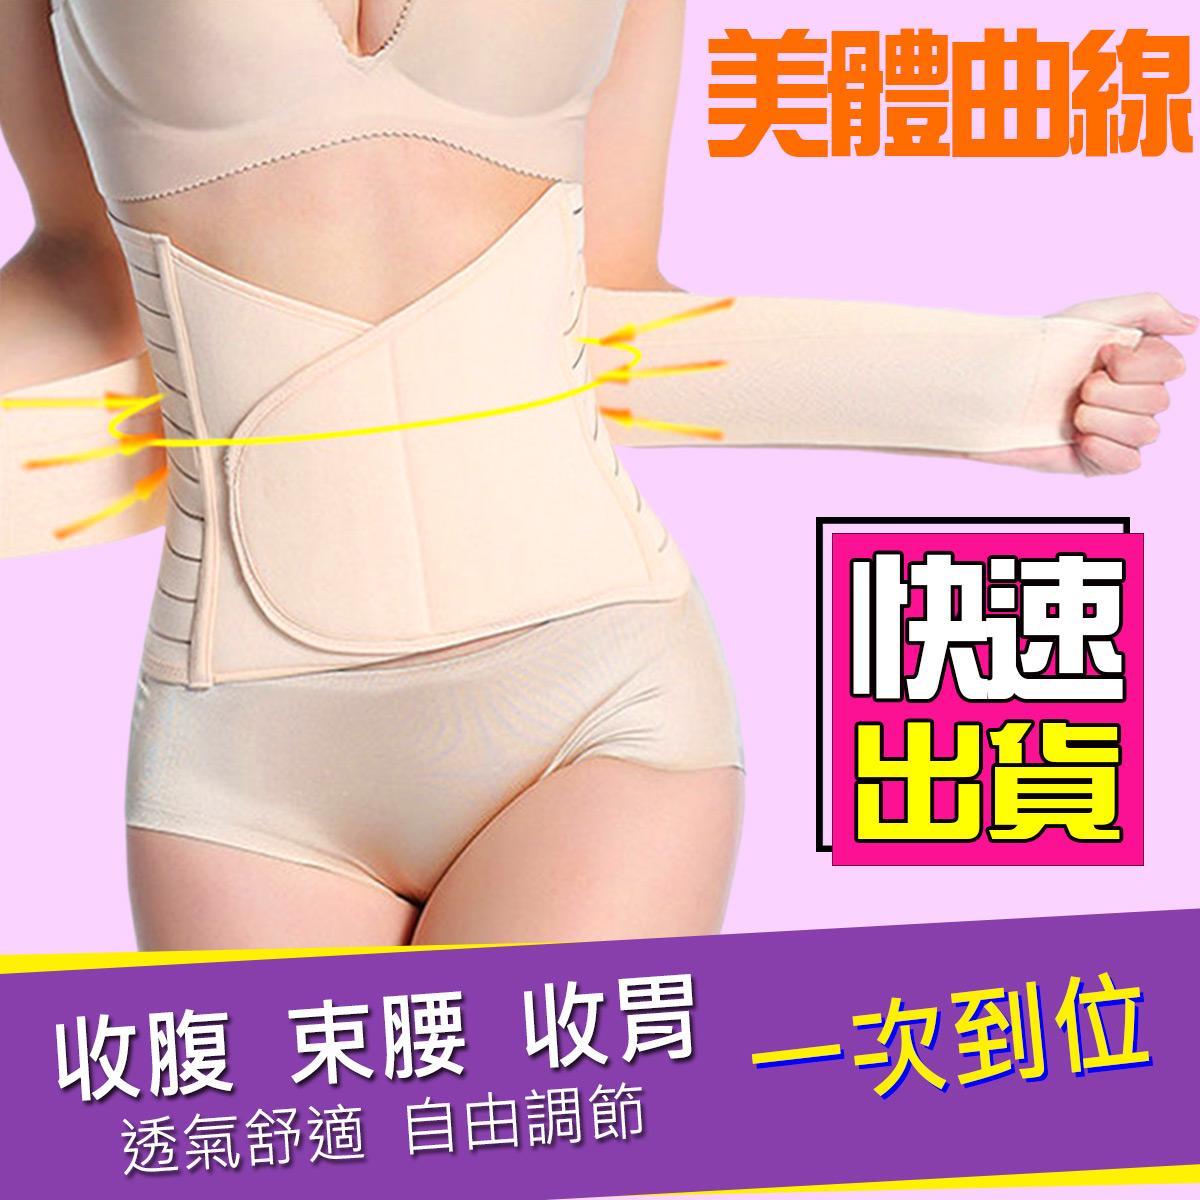 產後塑身收腹帶 產後塑身衣 產後束腹帶 束腰帶 束腹帶 護腰帶 塑身腰夾 B801S